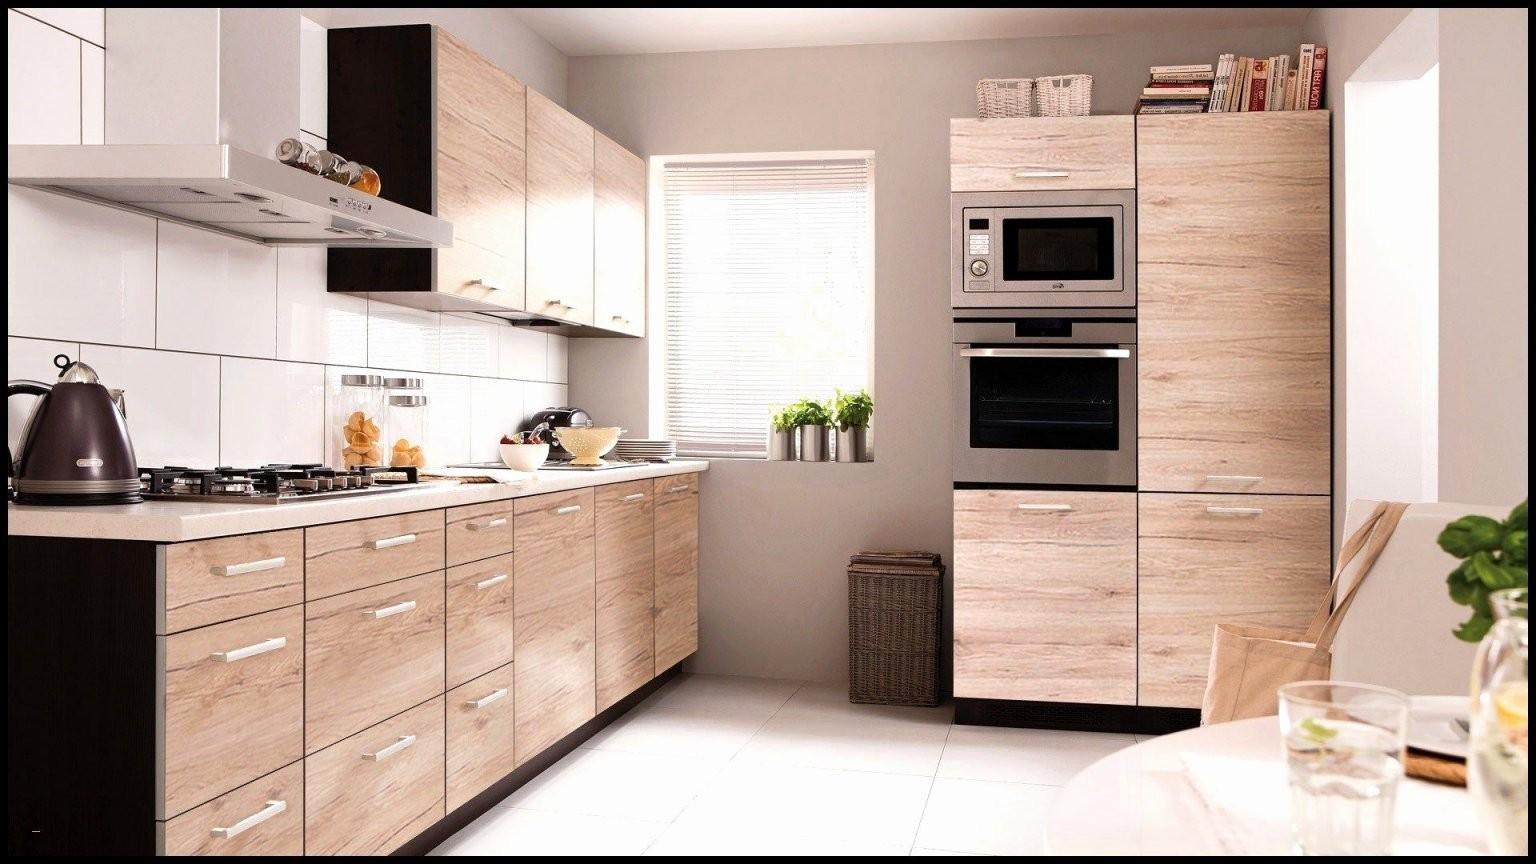 Küche Lackieren Vorher Nachher Luxus Das Top 15 Möbel Mit von Küchenfronten Lackieren Vorher Nachher Photo